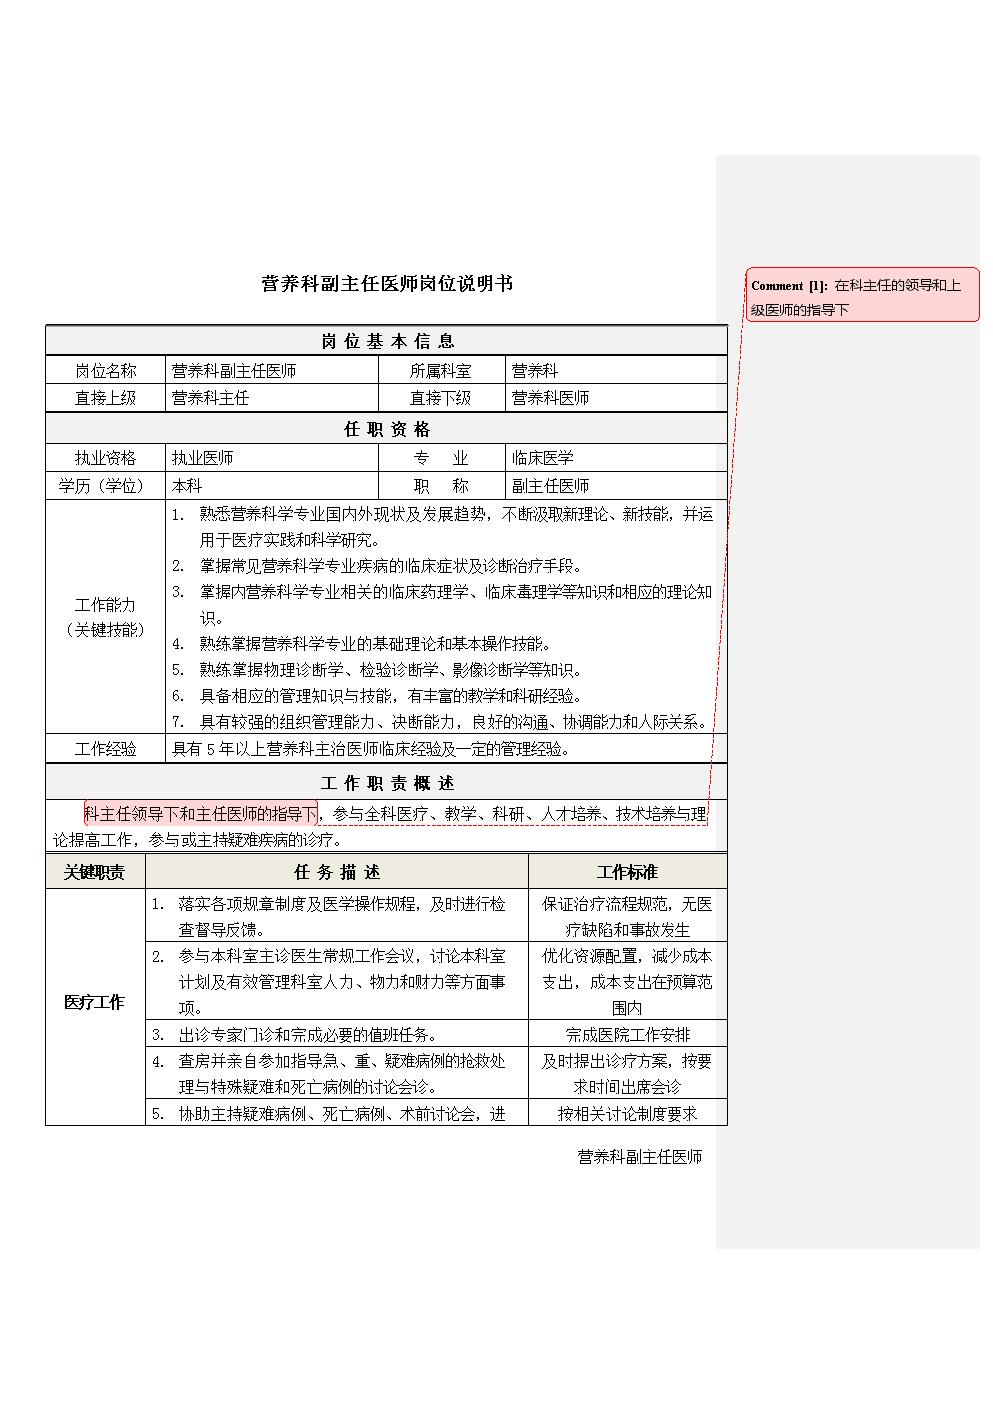 2营养科副主任医师岗位说明书.docx